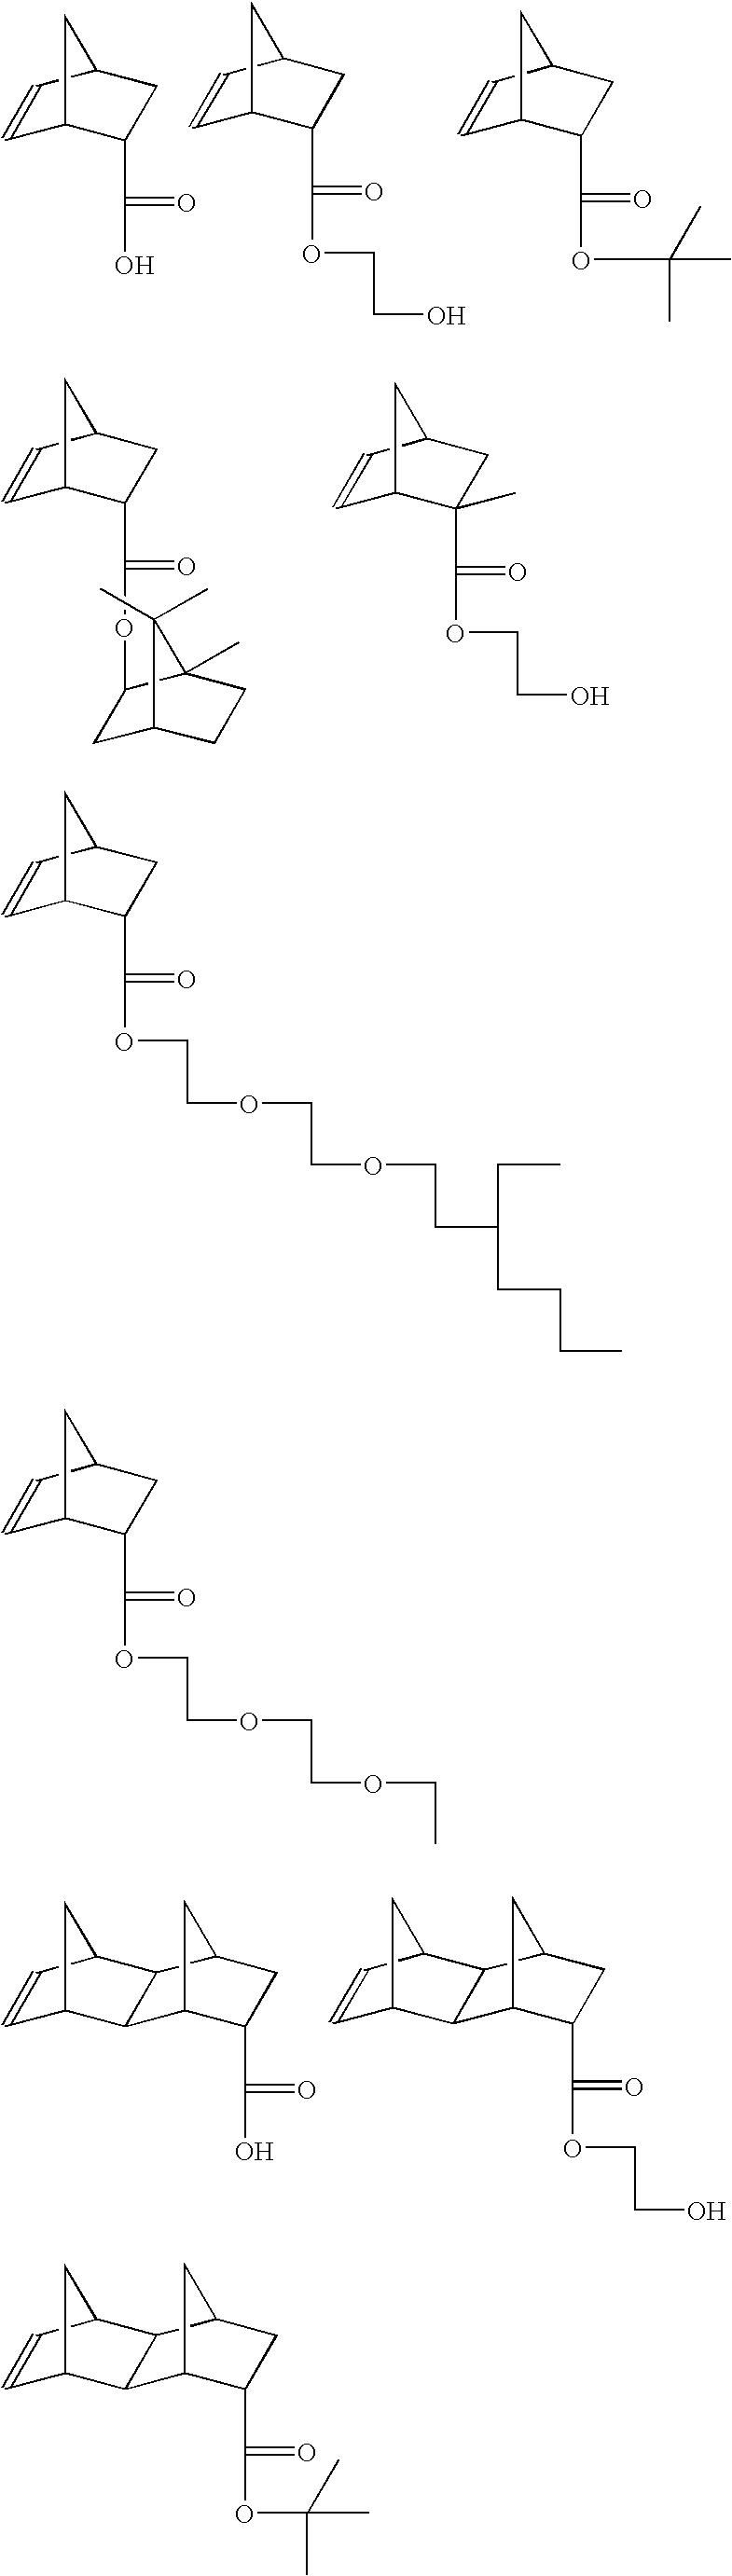 Figure US20050147915A1-20050707-C00018